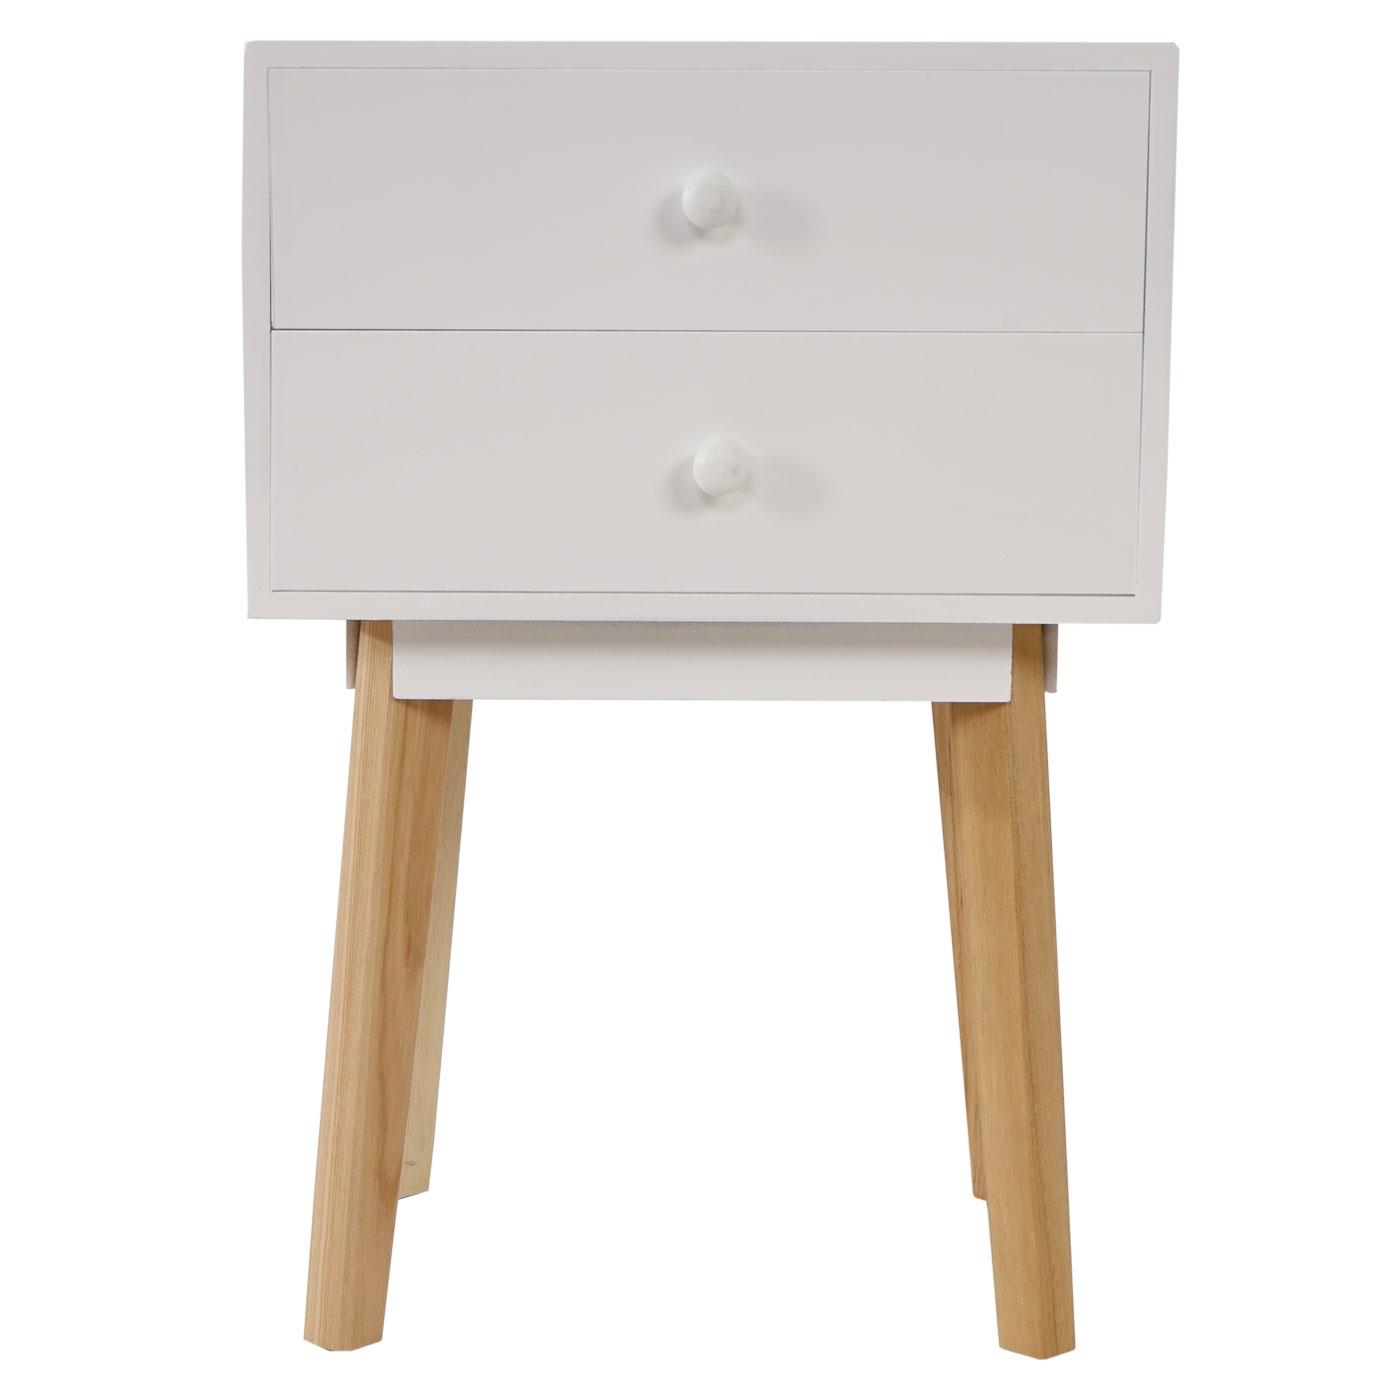 kommode malm t271 beistelltisch nachttisch schrank. Black Bedroom Furniture Sets. Home Design Ideas